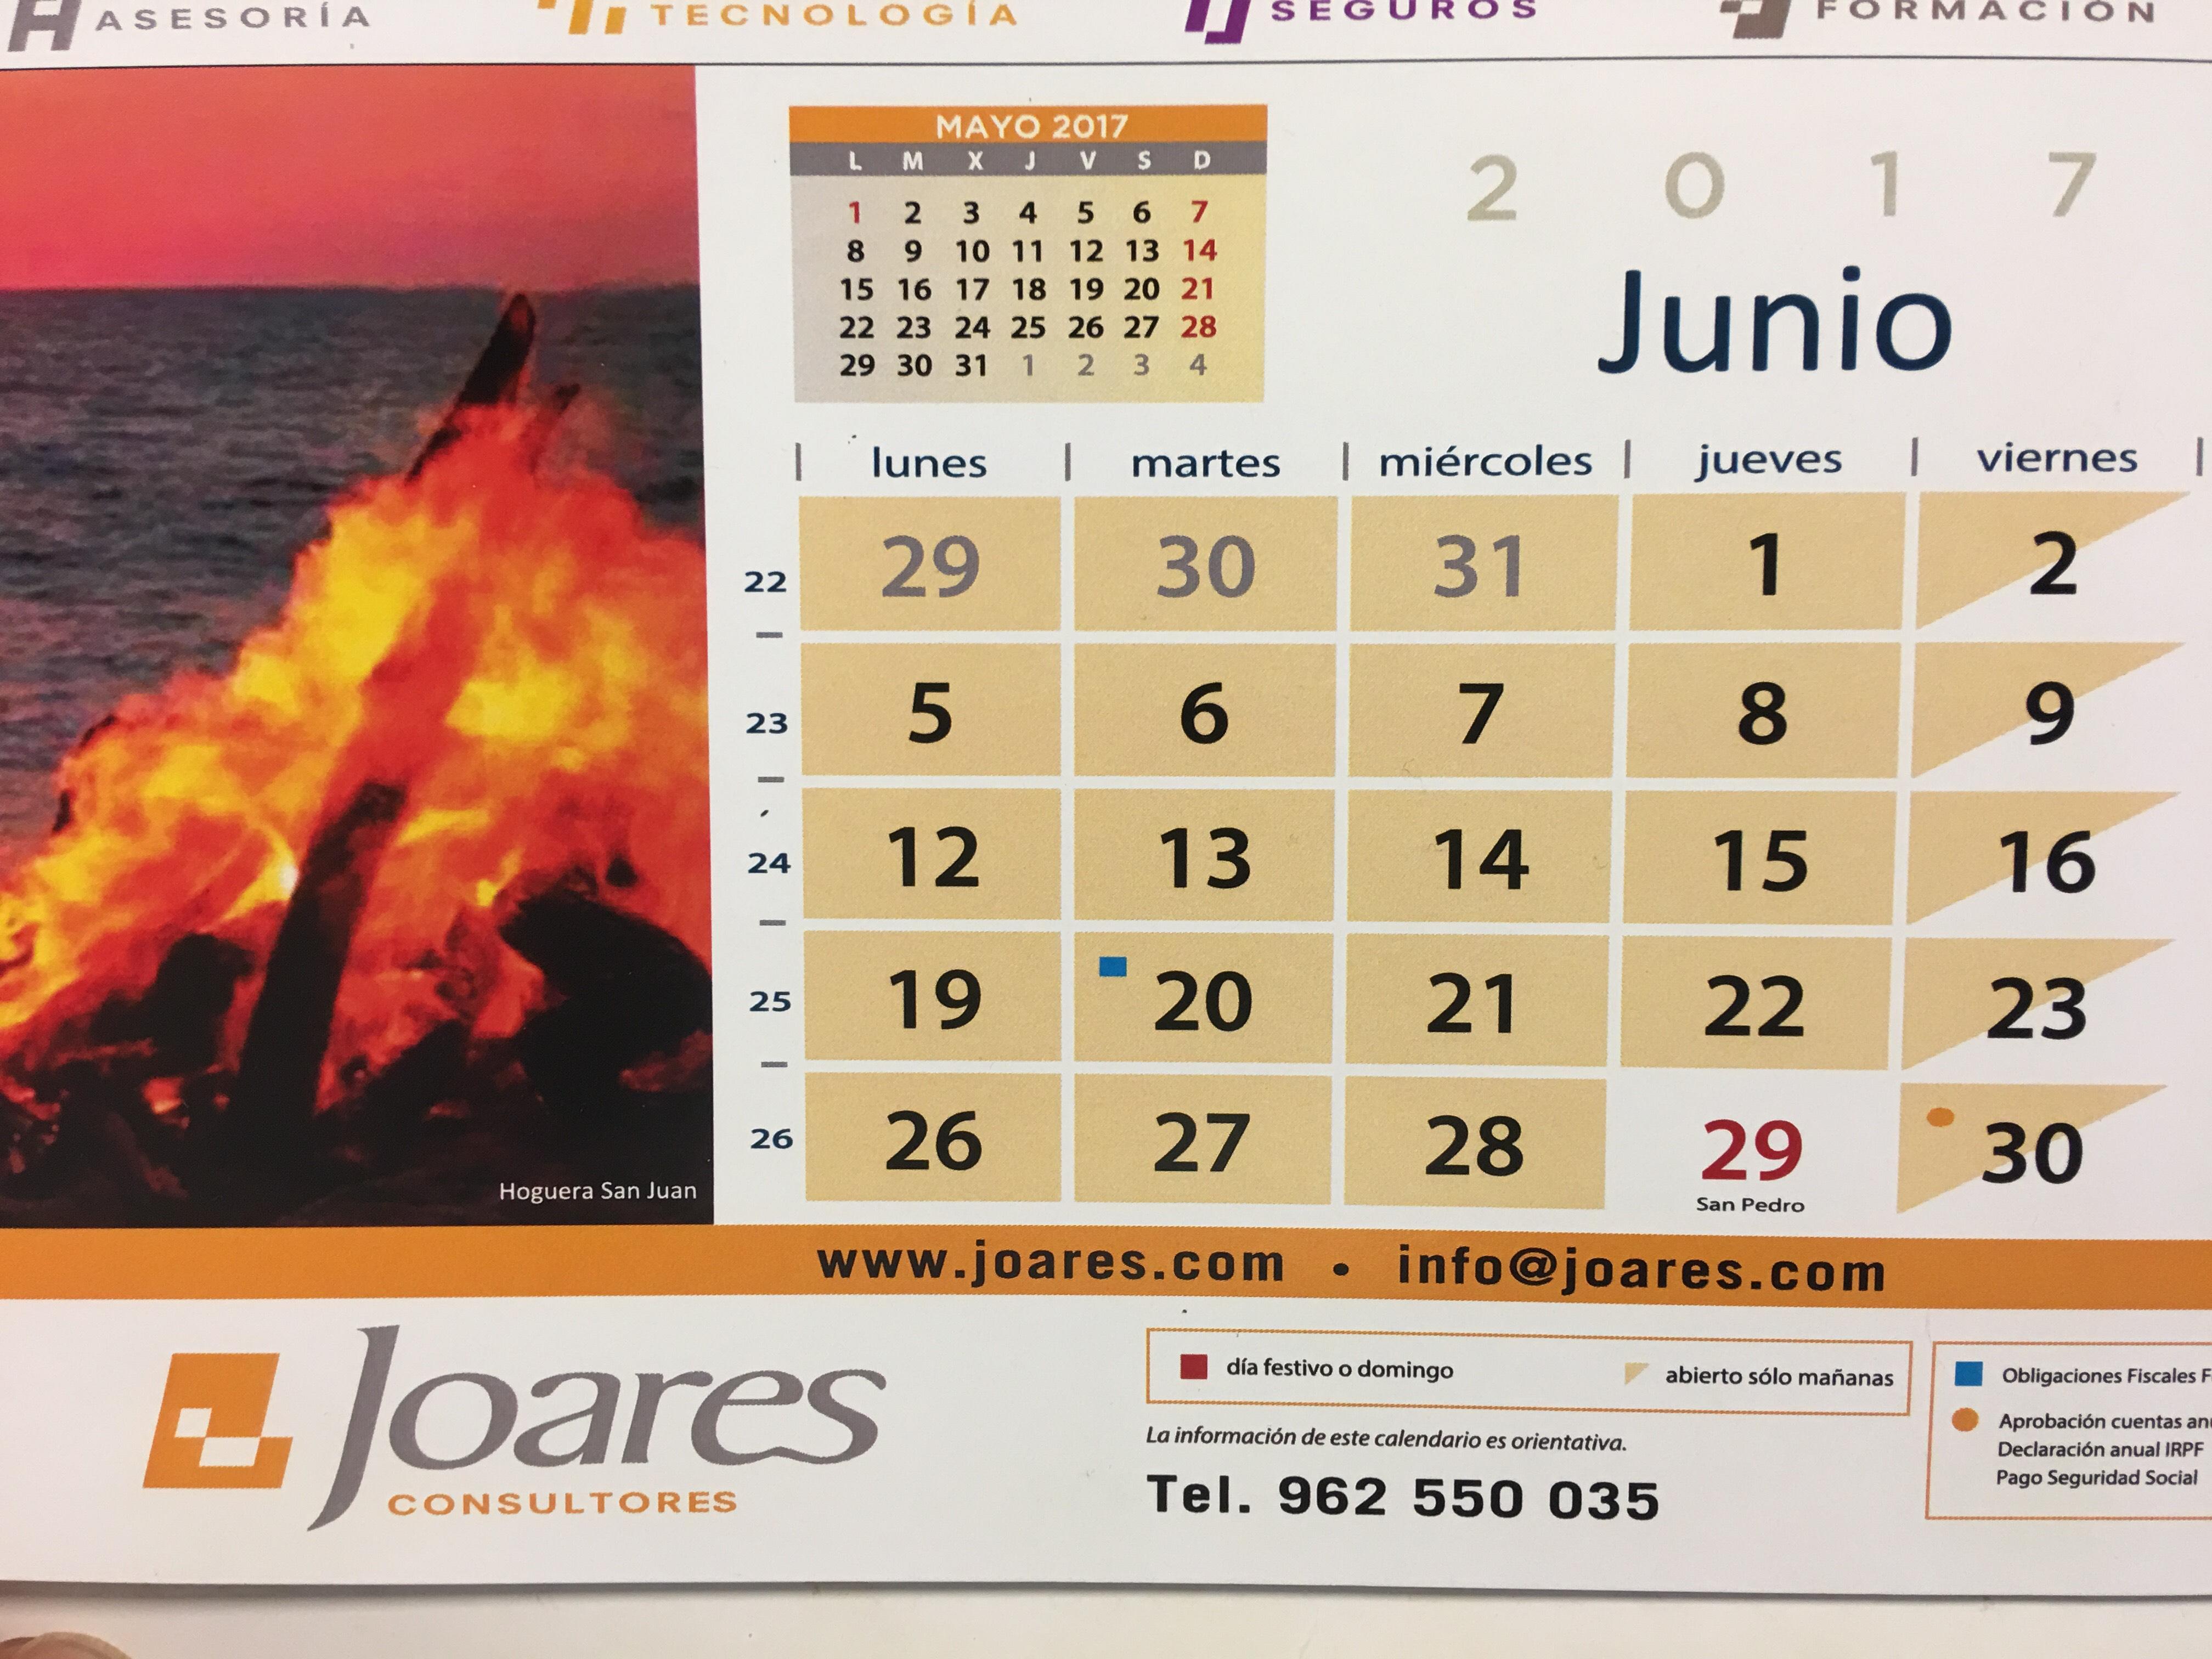 Obligaciones fiscales para el 20 de junio de 2.017